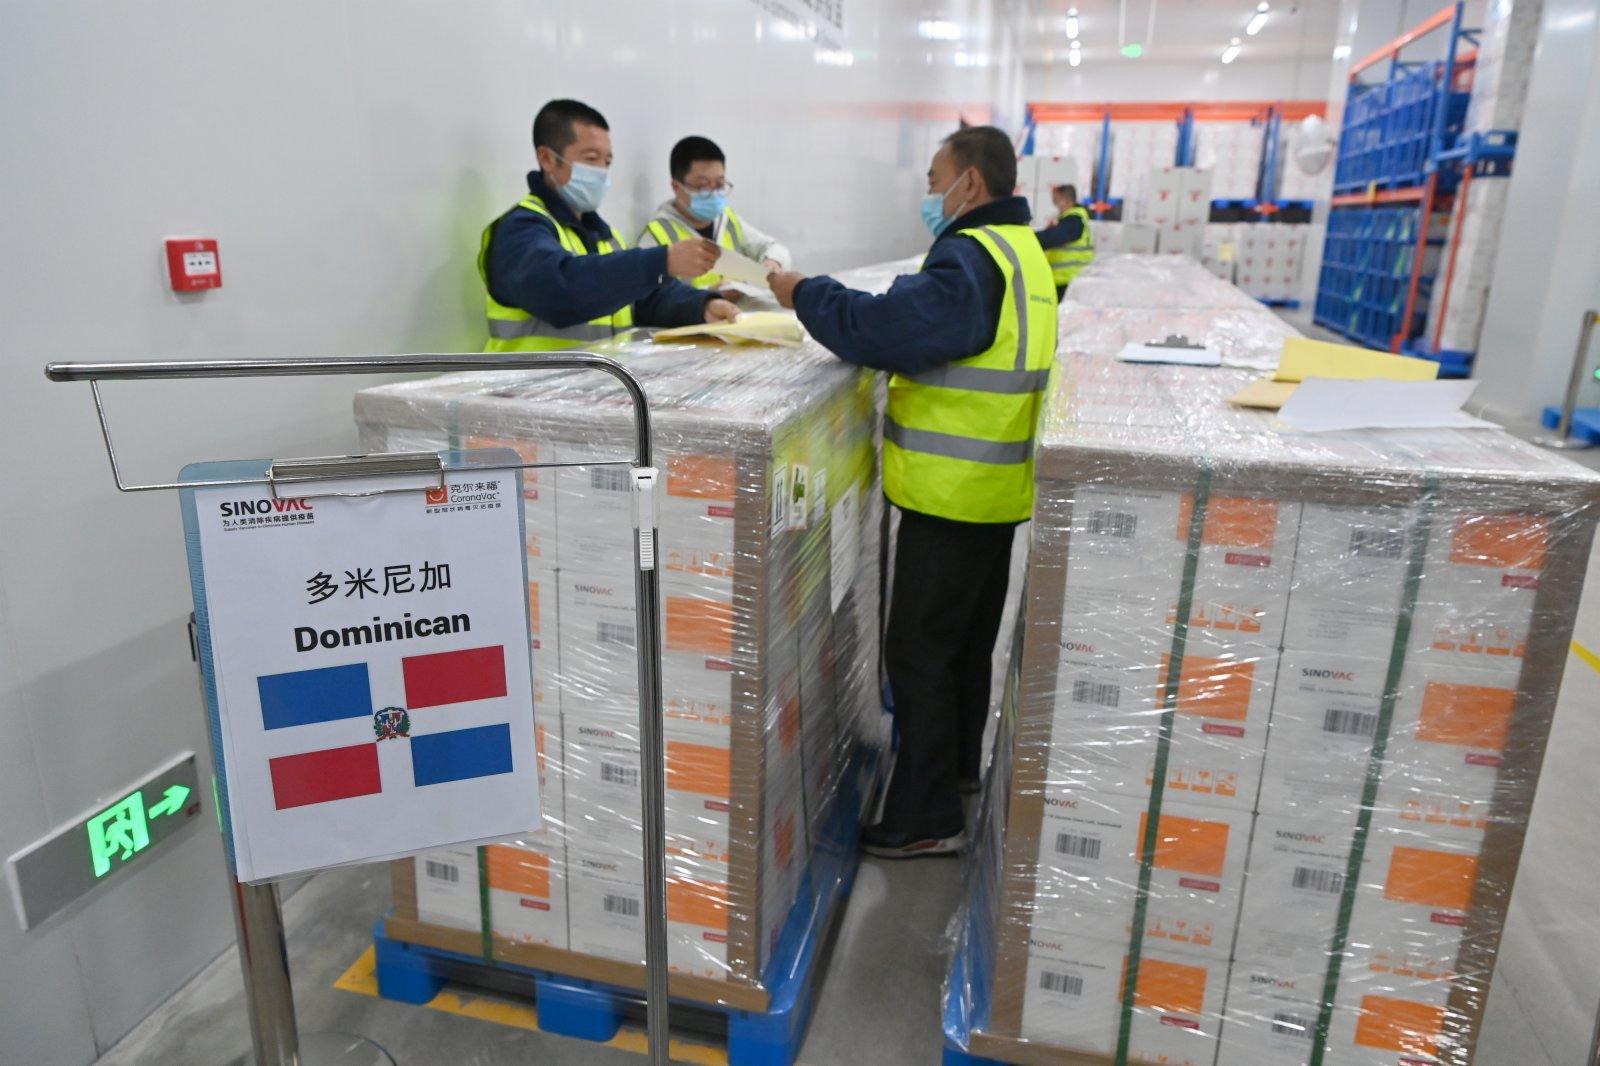 6月1日,中國北京科興中維生物技術有限公司生產的新冠疫苗從該公司位於北京市大興區的廠區倉庫出庫,即日運往多米尼加共和國。圖為工人在疫苗出庫前在外包裝上粘貼相關信息標識。 (中新社)